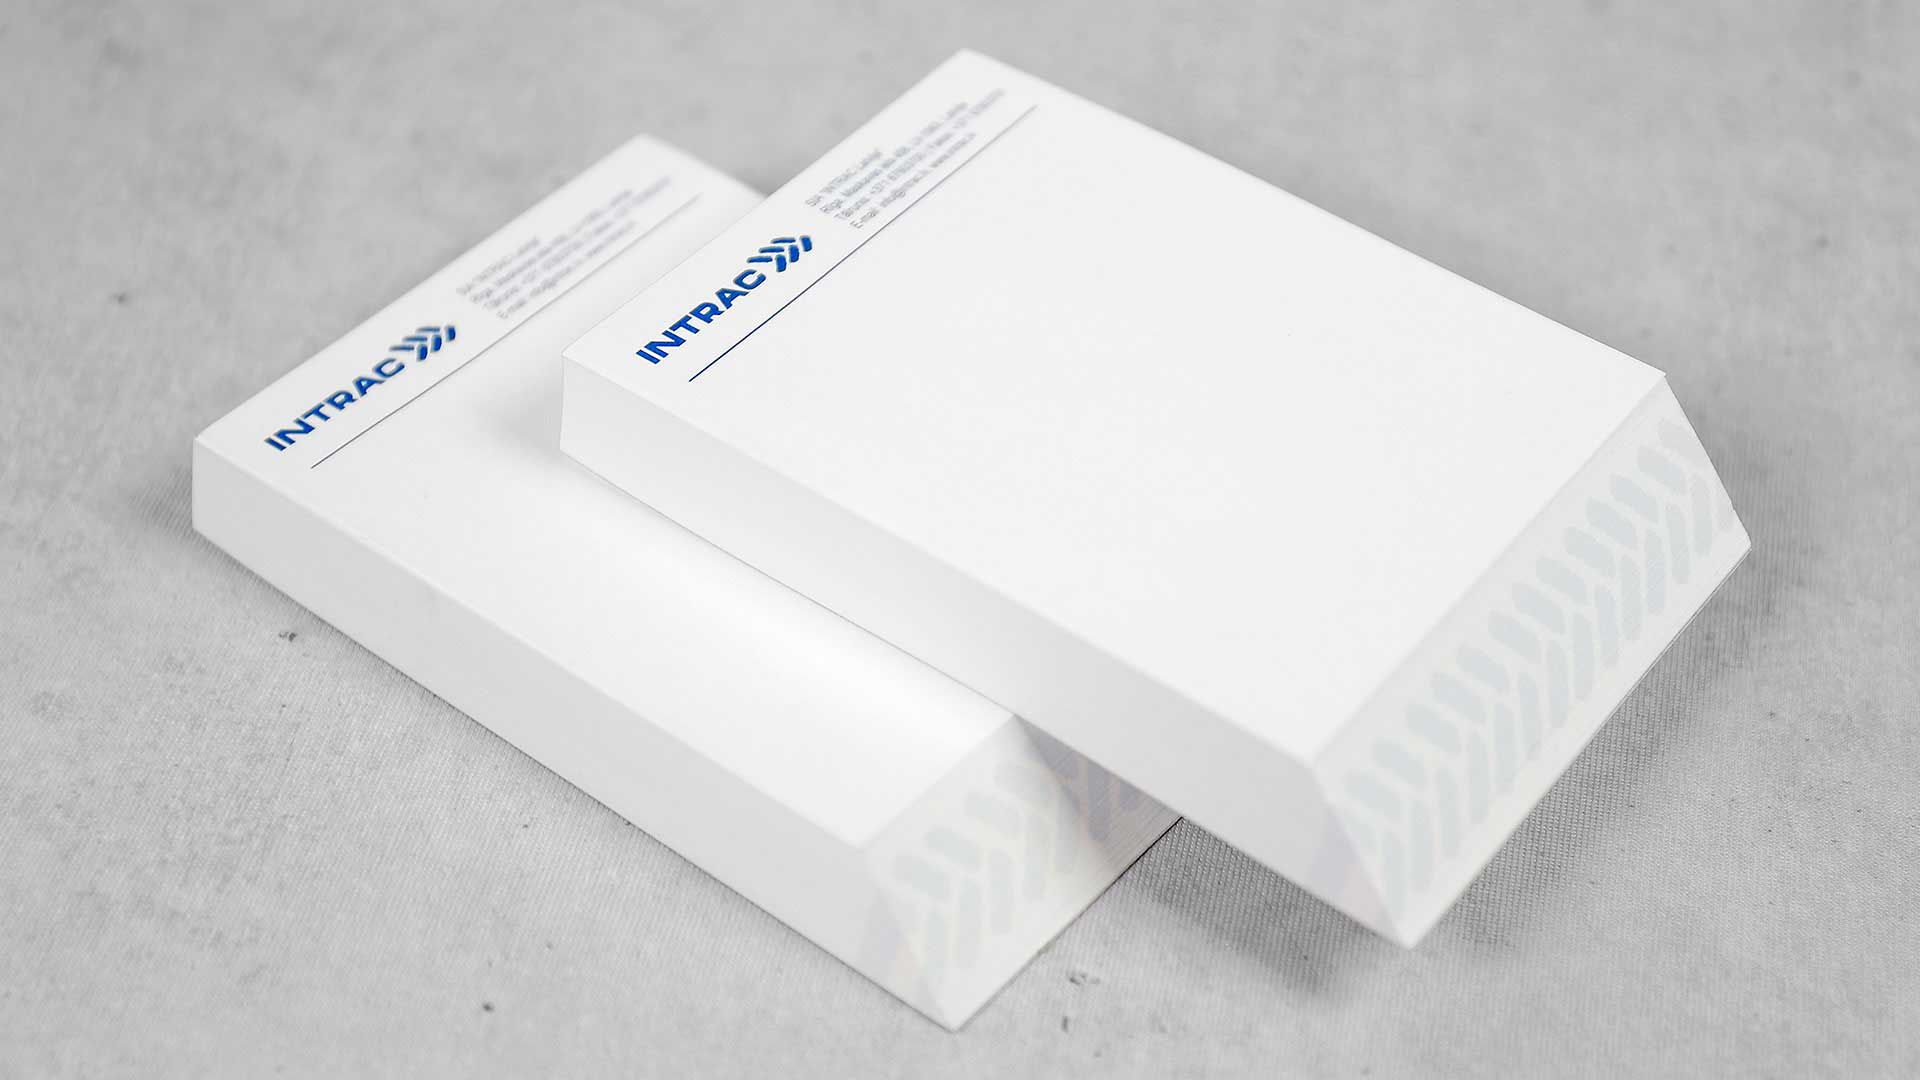 Līmlapiņu dizains un apdruka Intrac